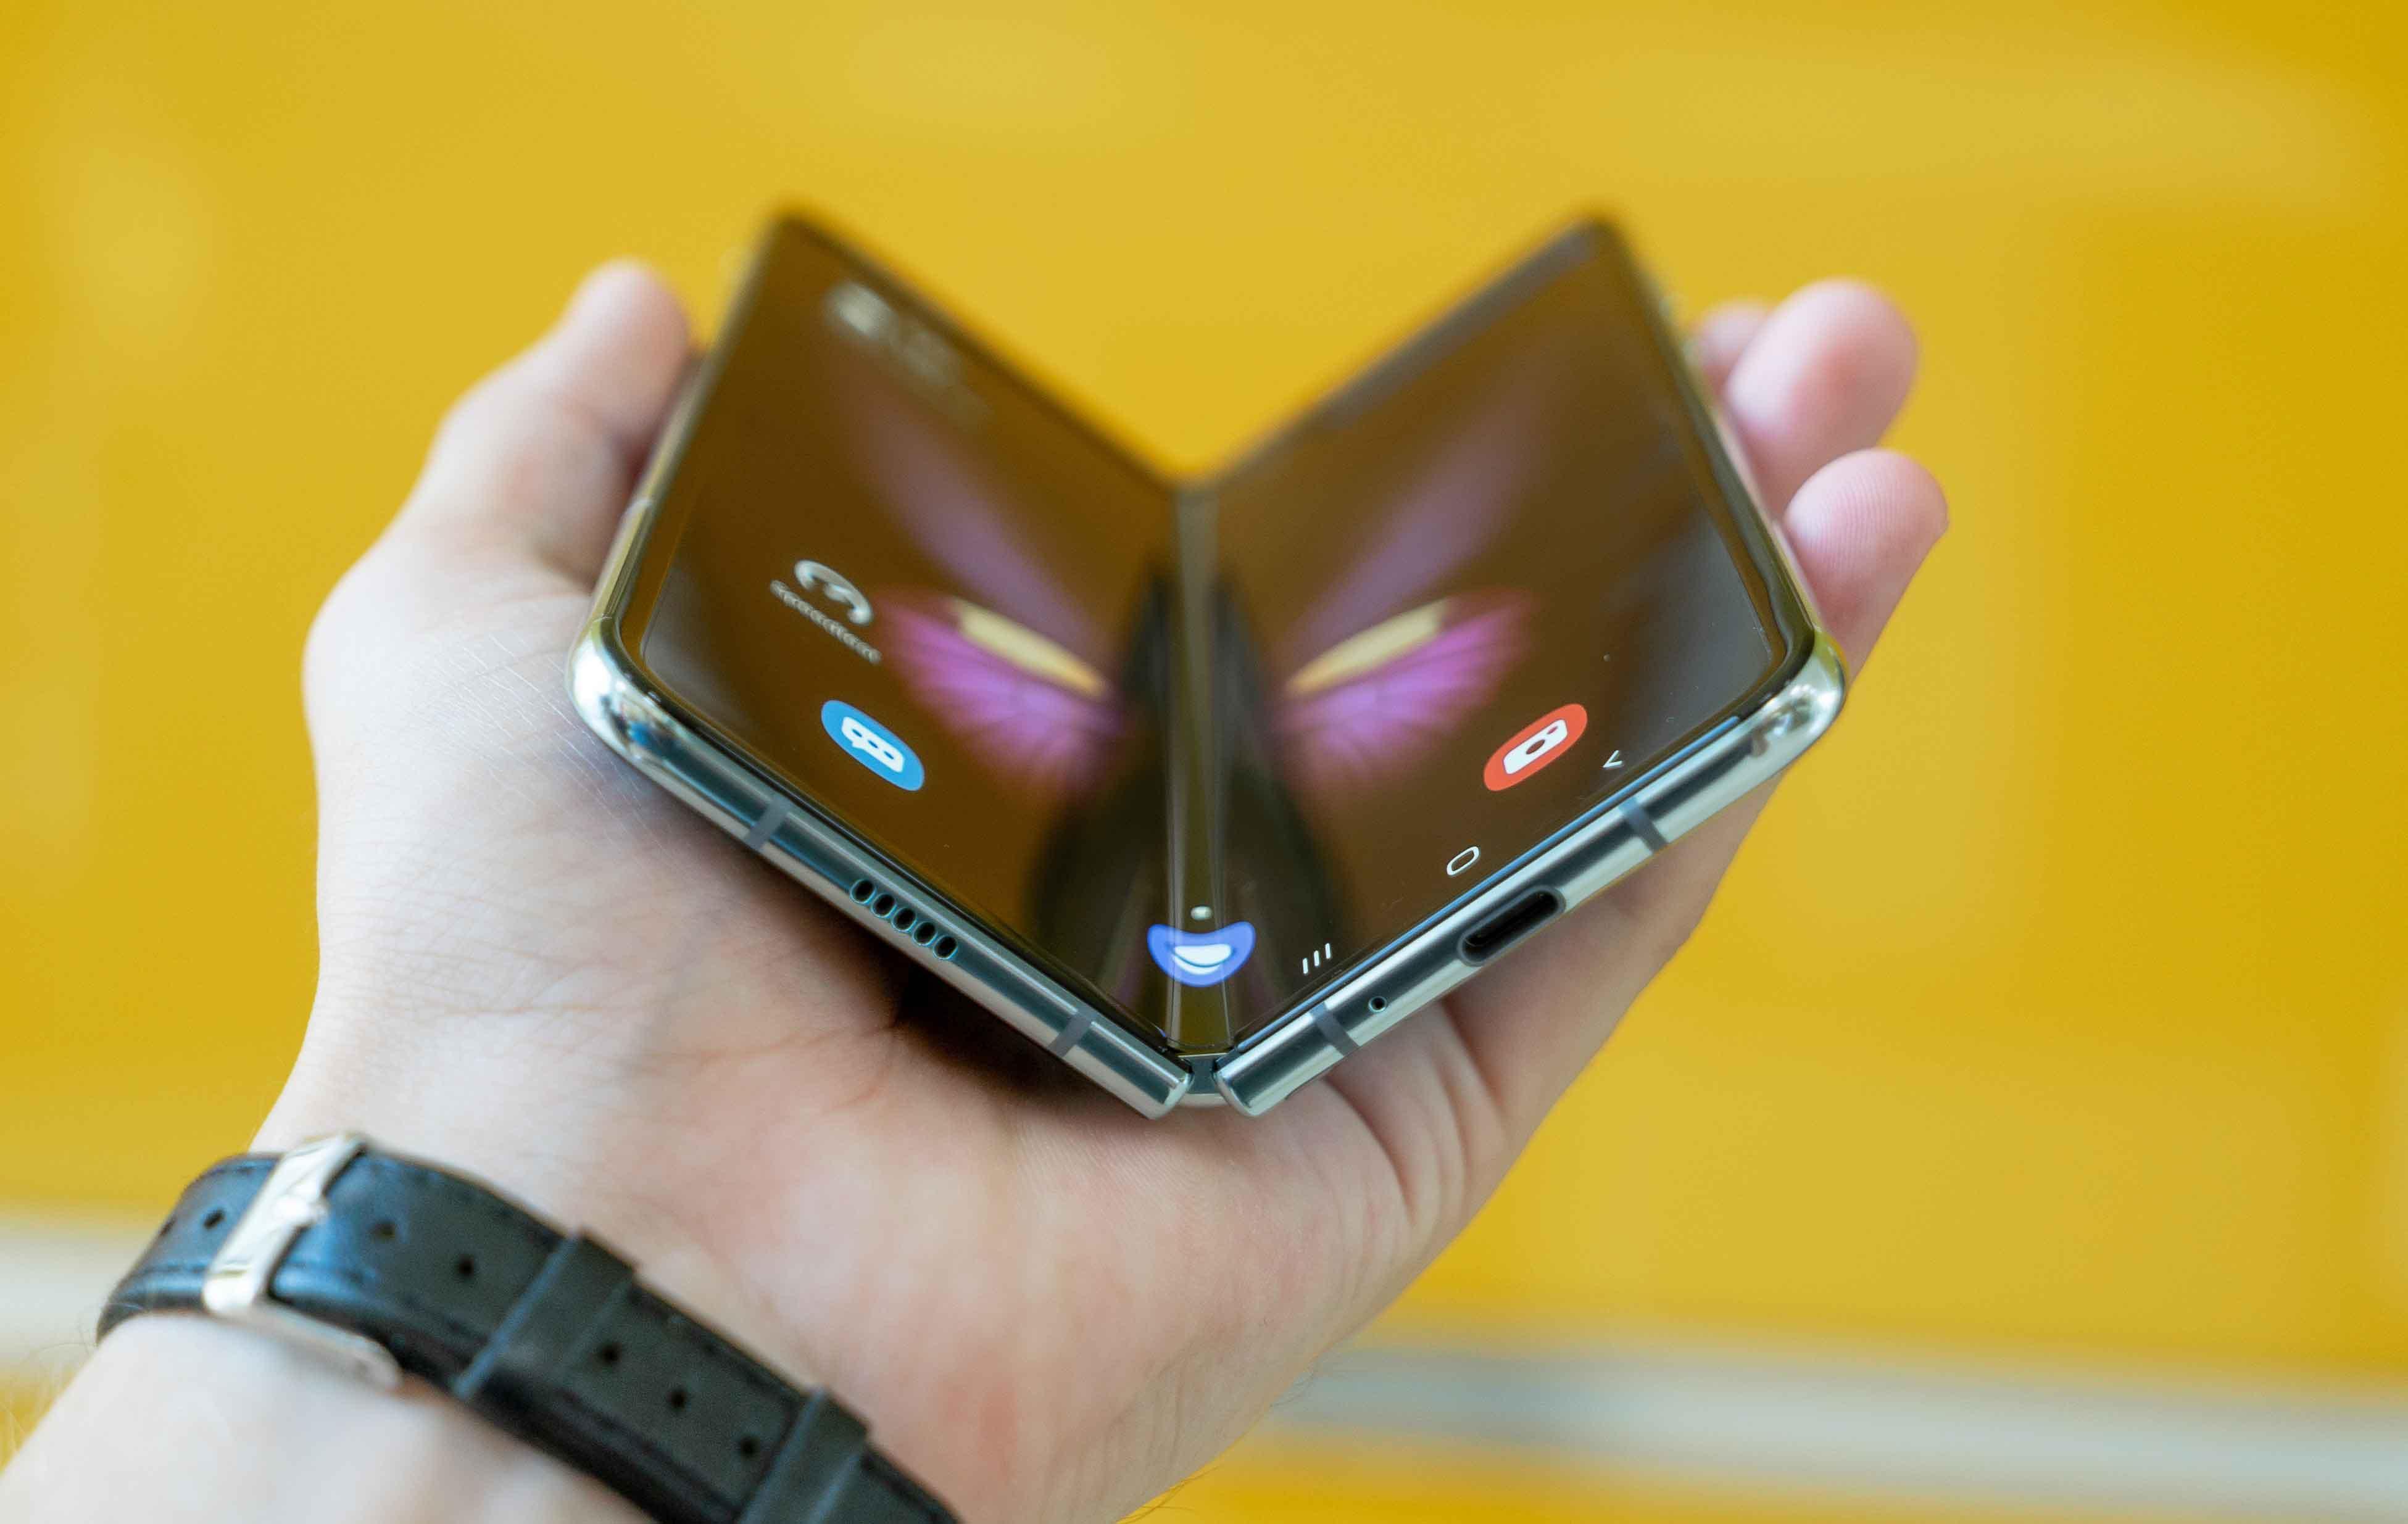 Prevratná novinka vo svete smartfónov: Ohybné displeje vám vyrazia dych!